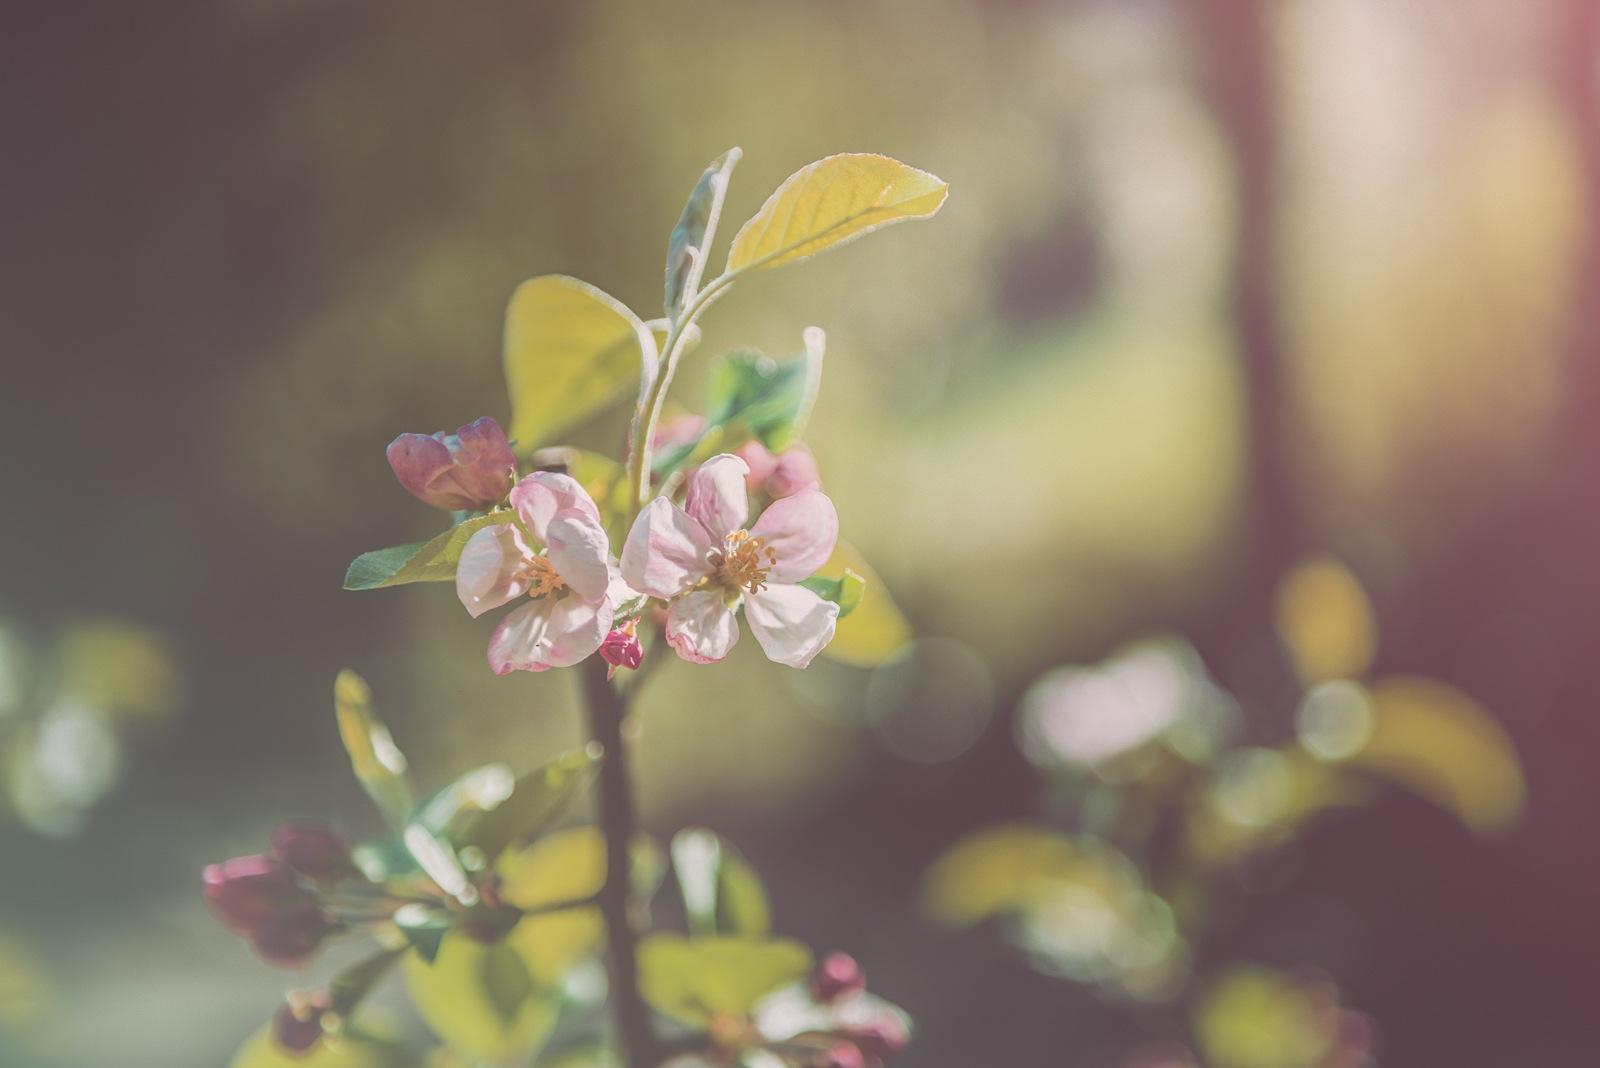 Spring Sunshine by Rosana